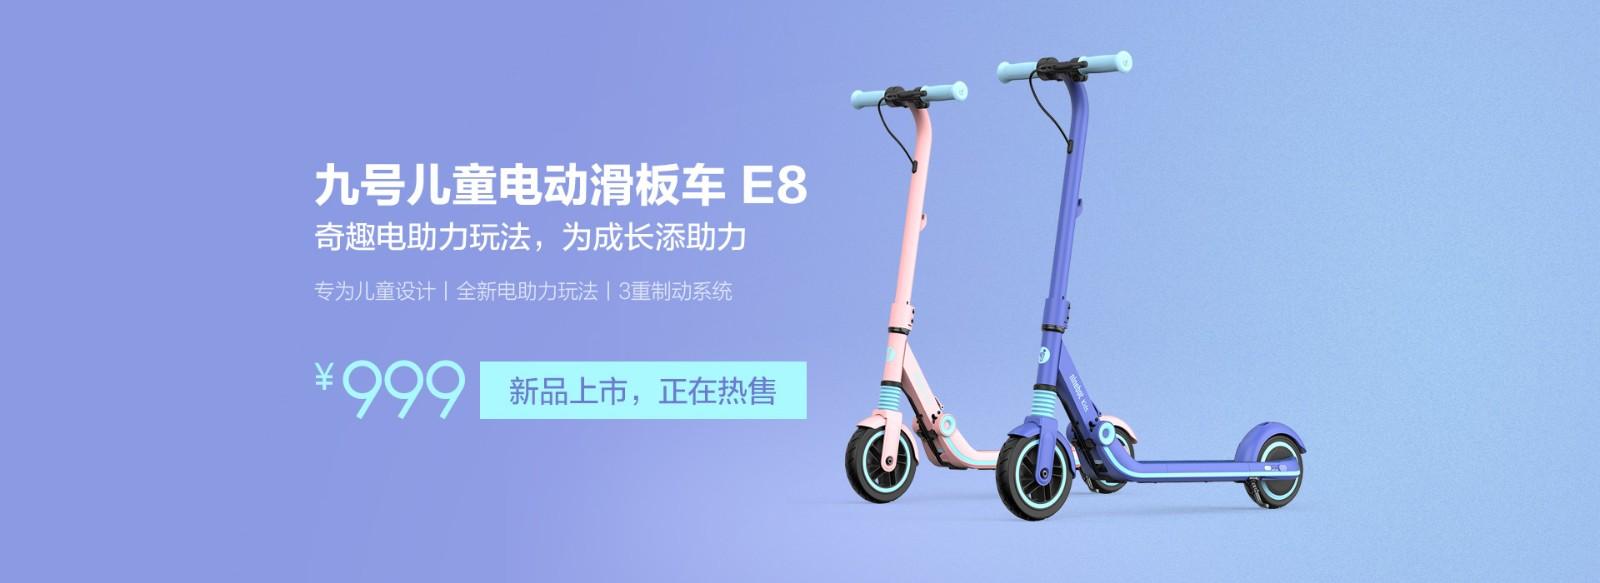 九号儿童电动滑板车E8